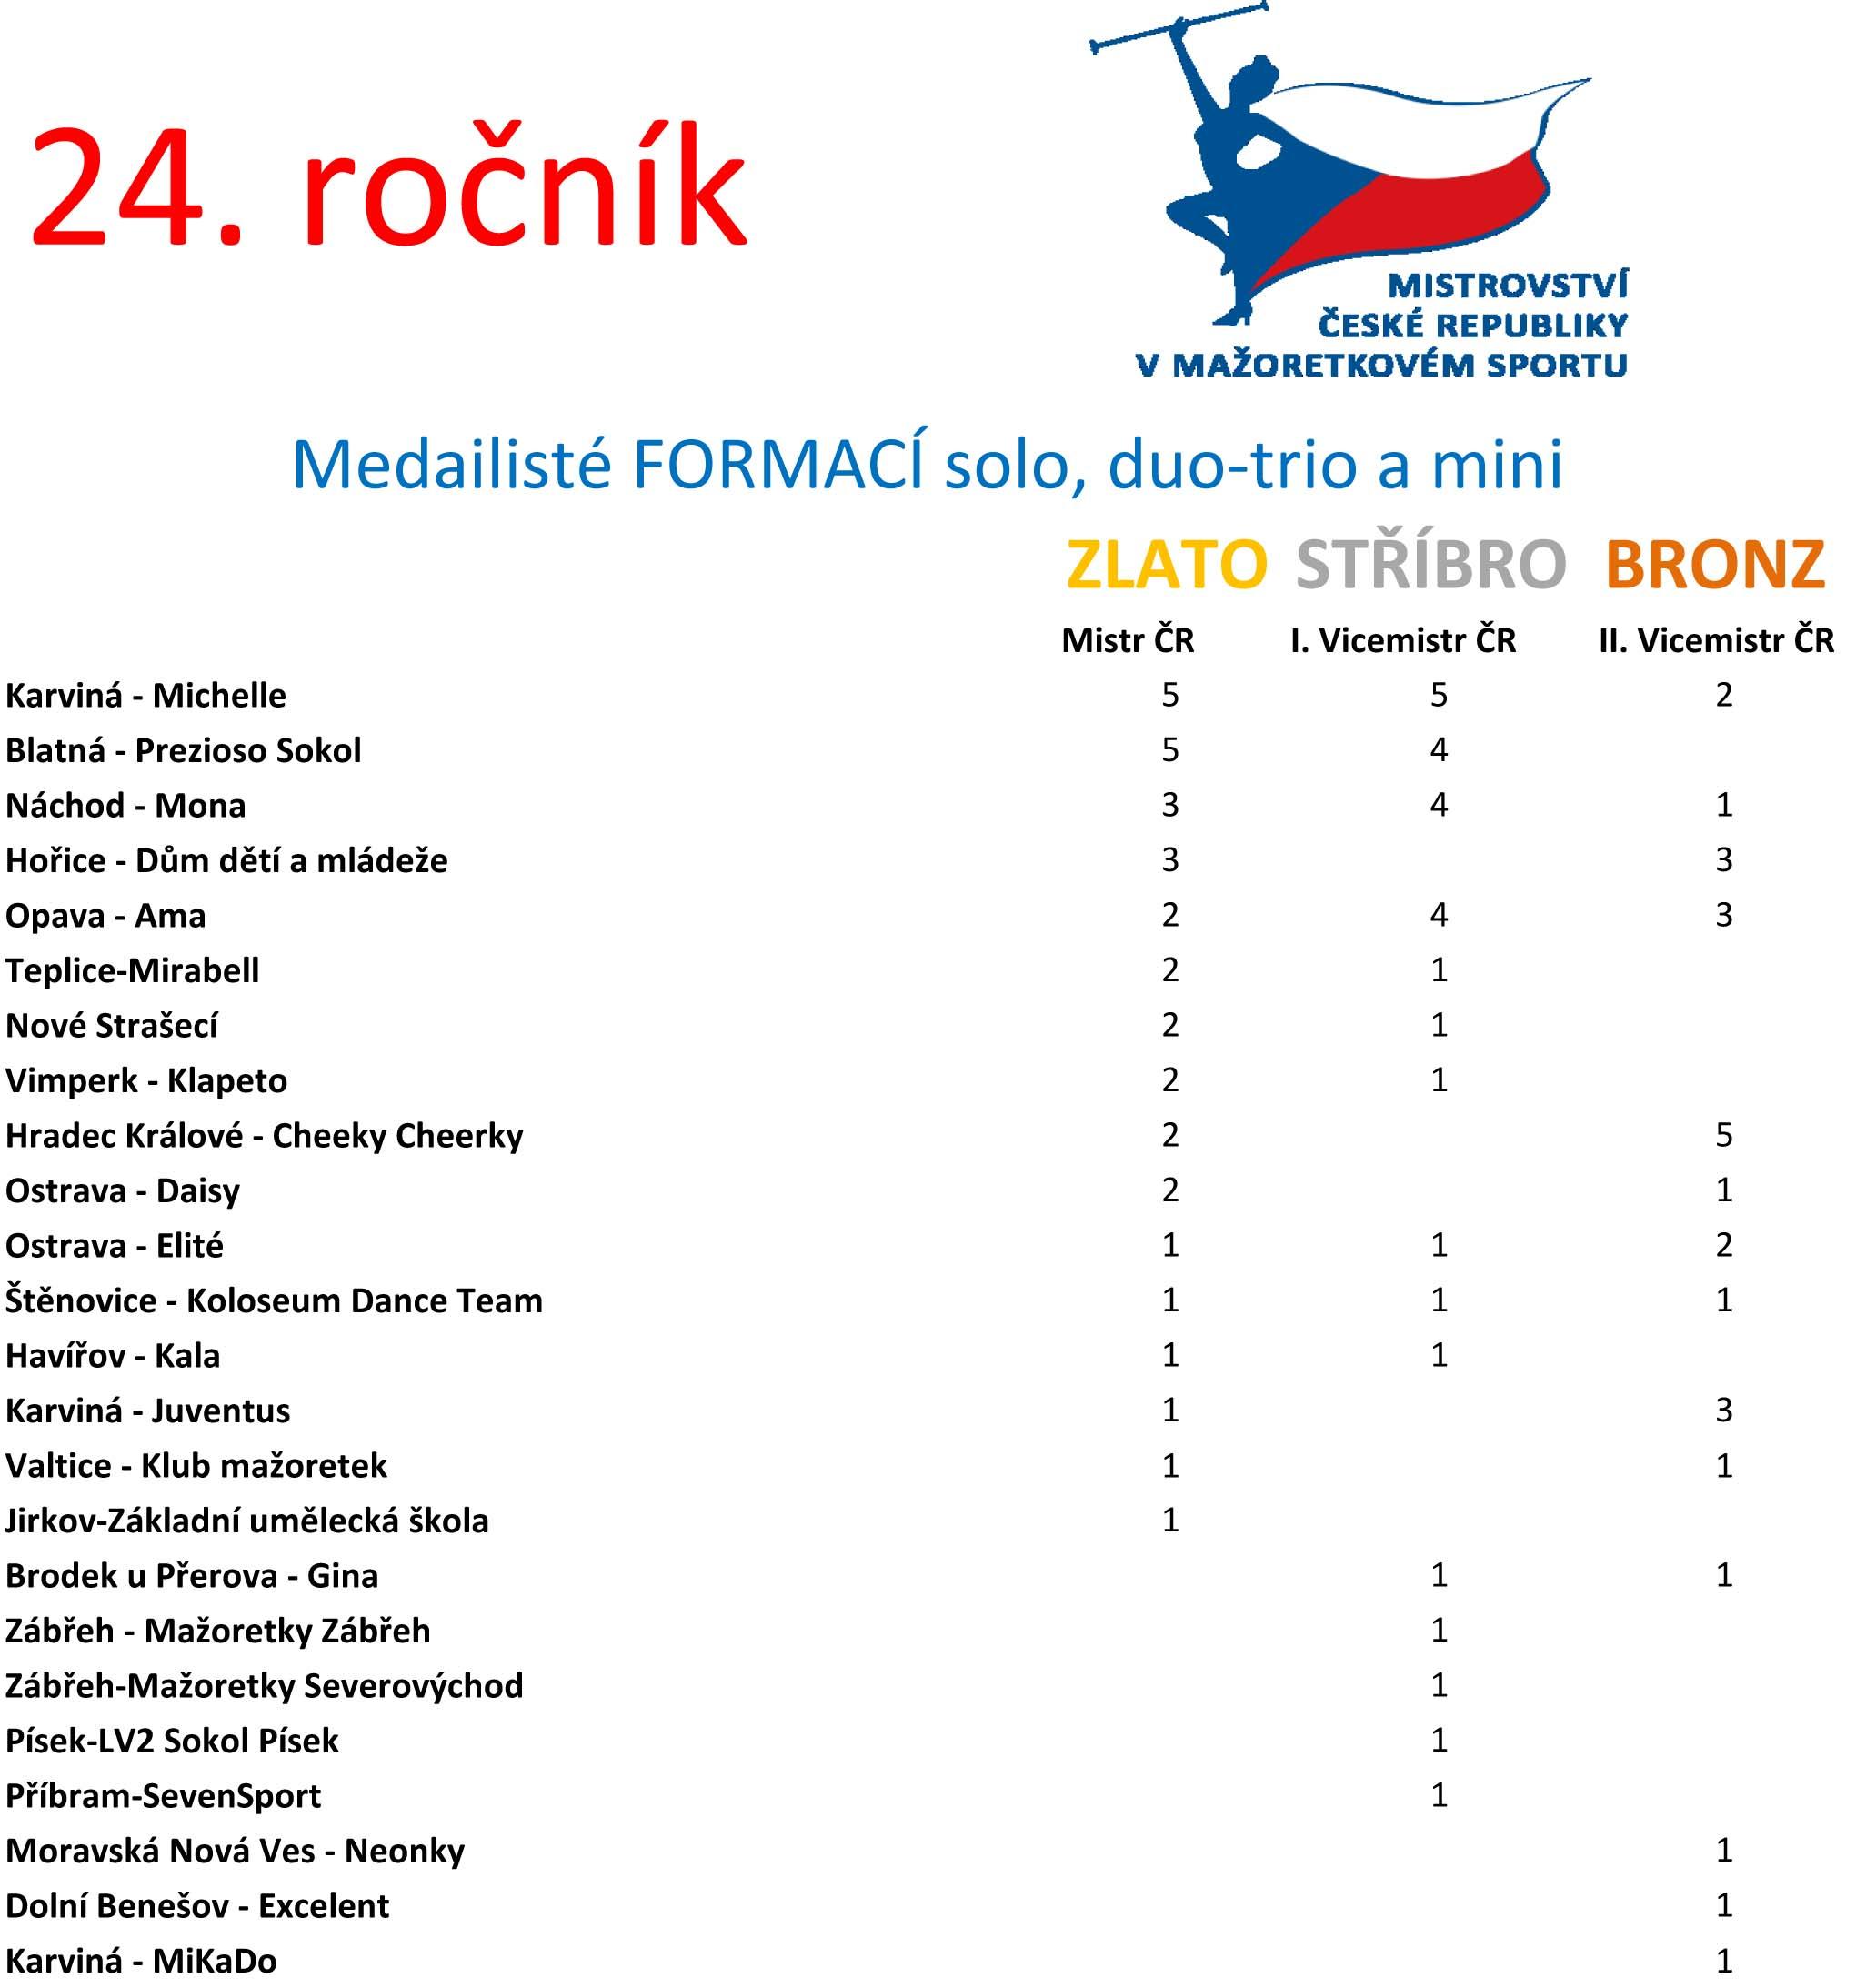 Úspěšnost klubů formací - seřazeno podle získaných medailí